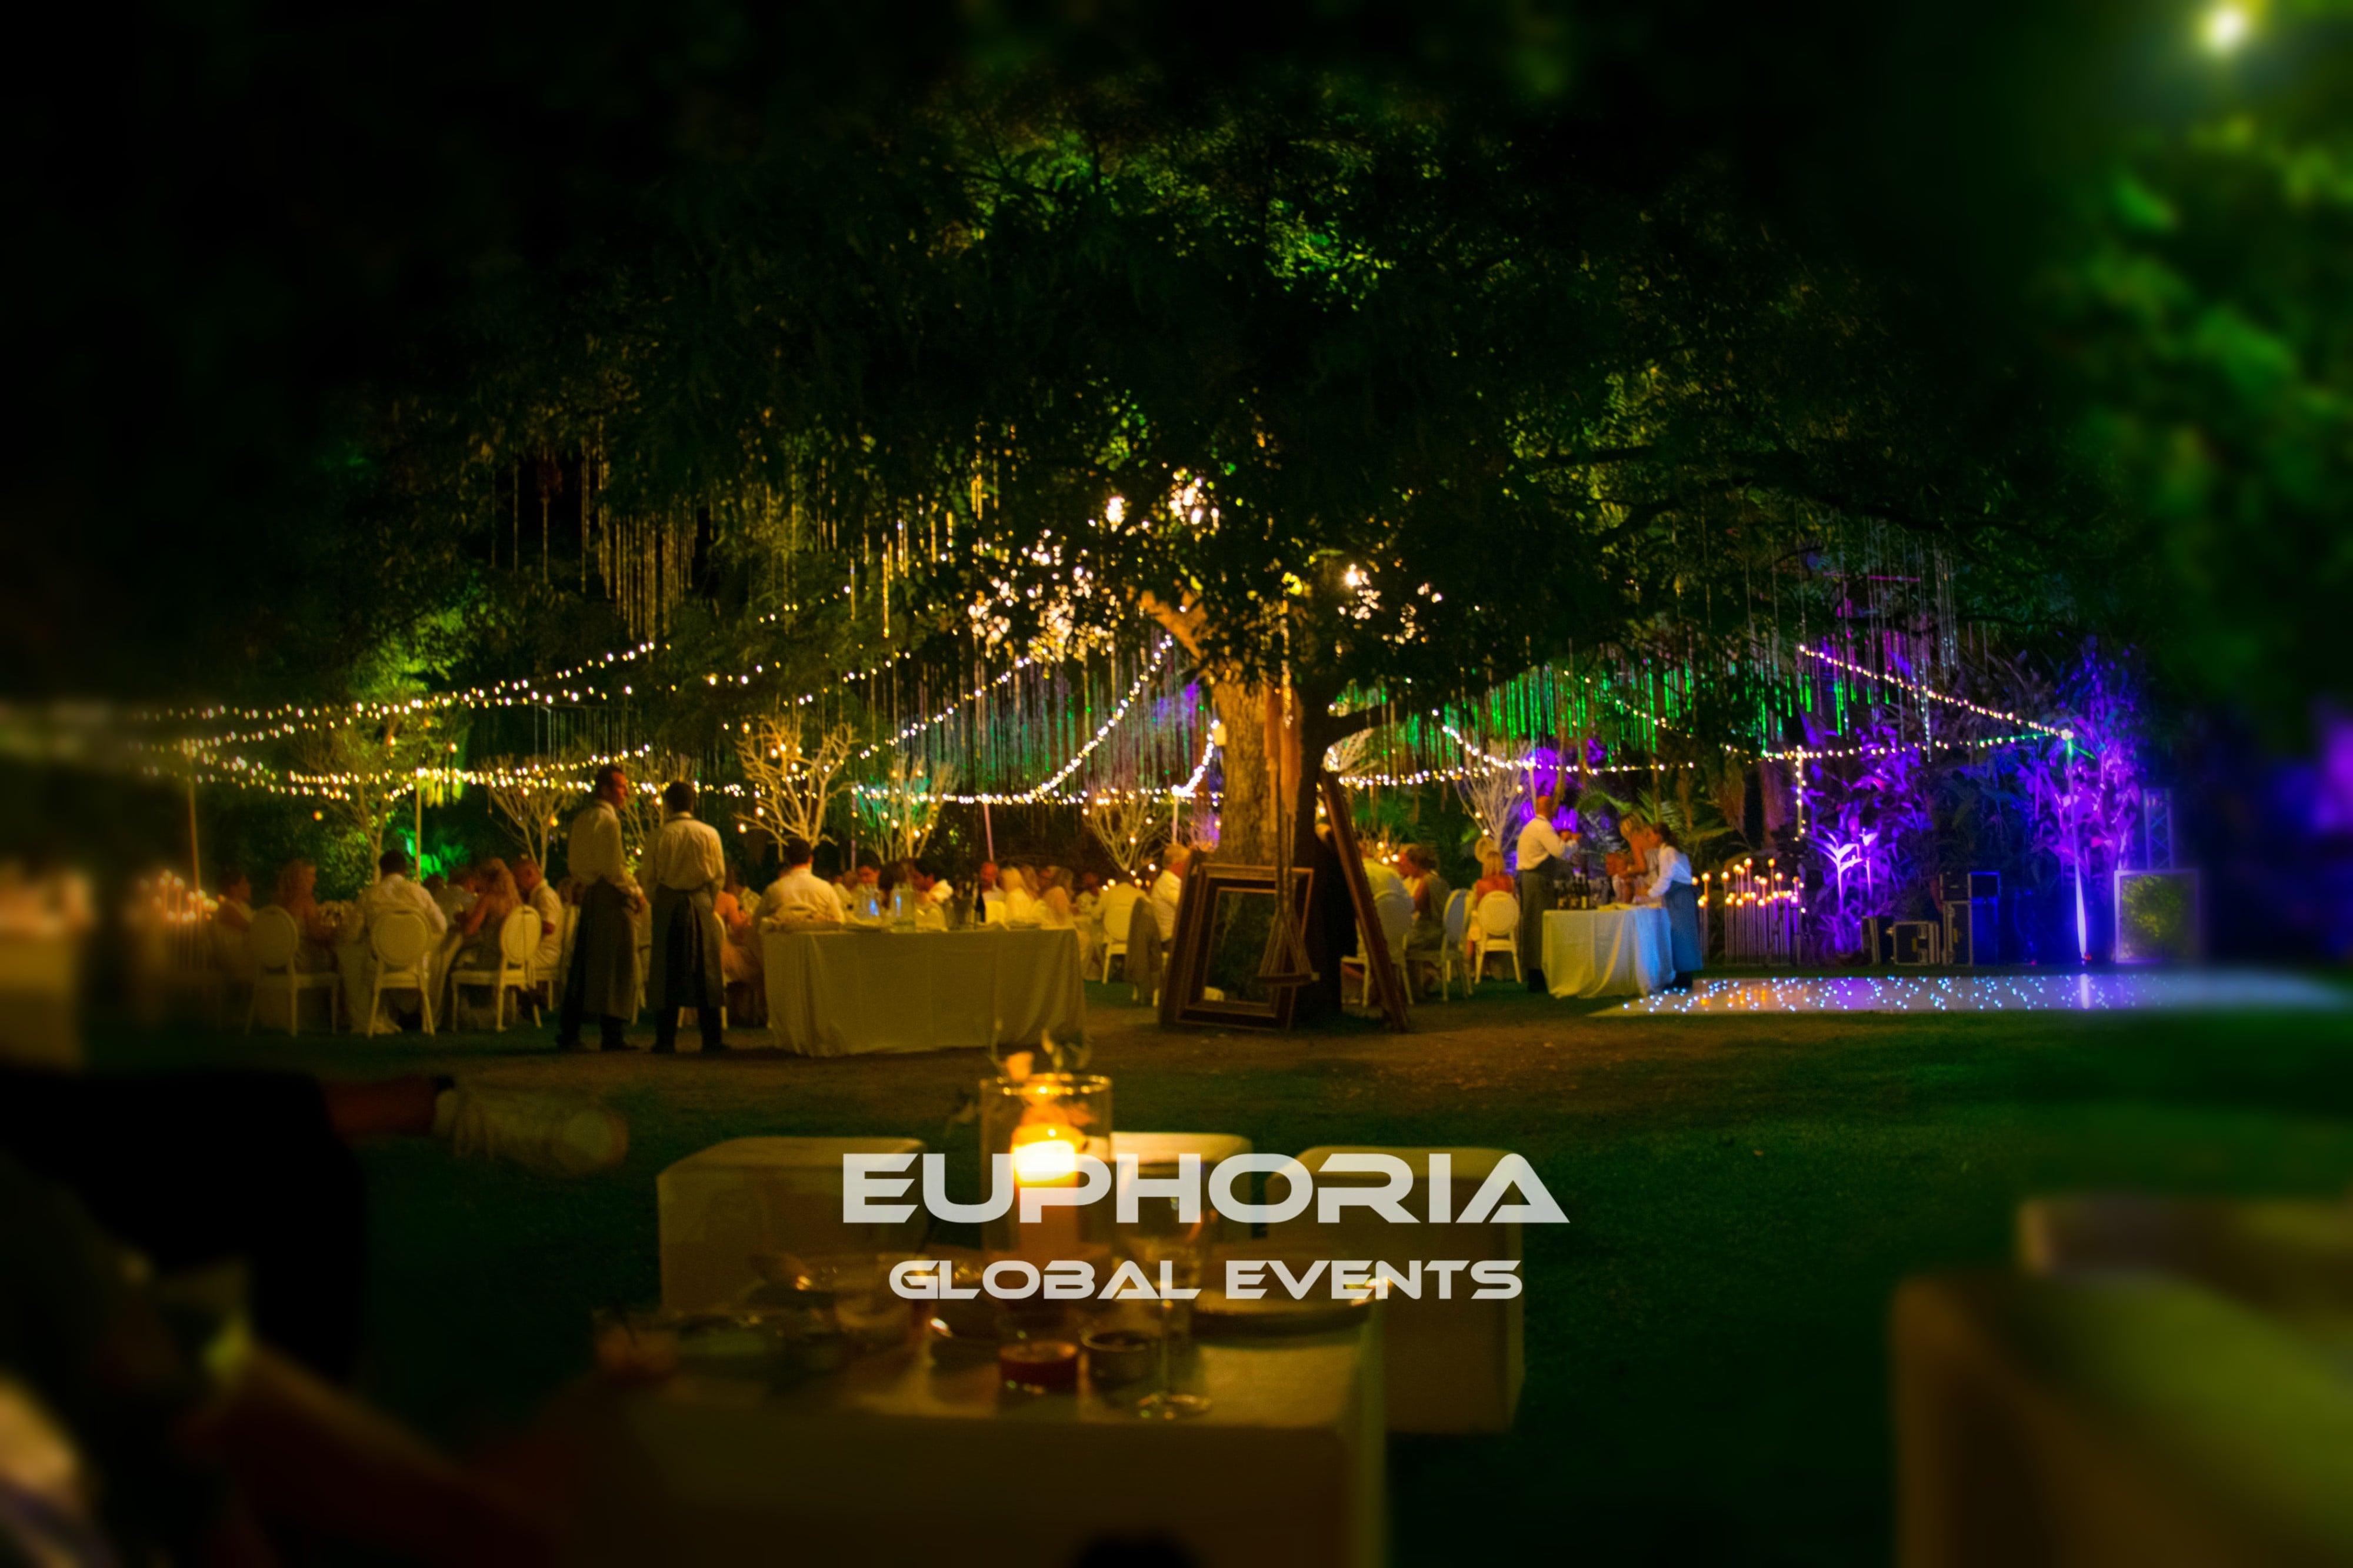 EuphoriaGlobalEventsMarbella54a-min